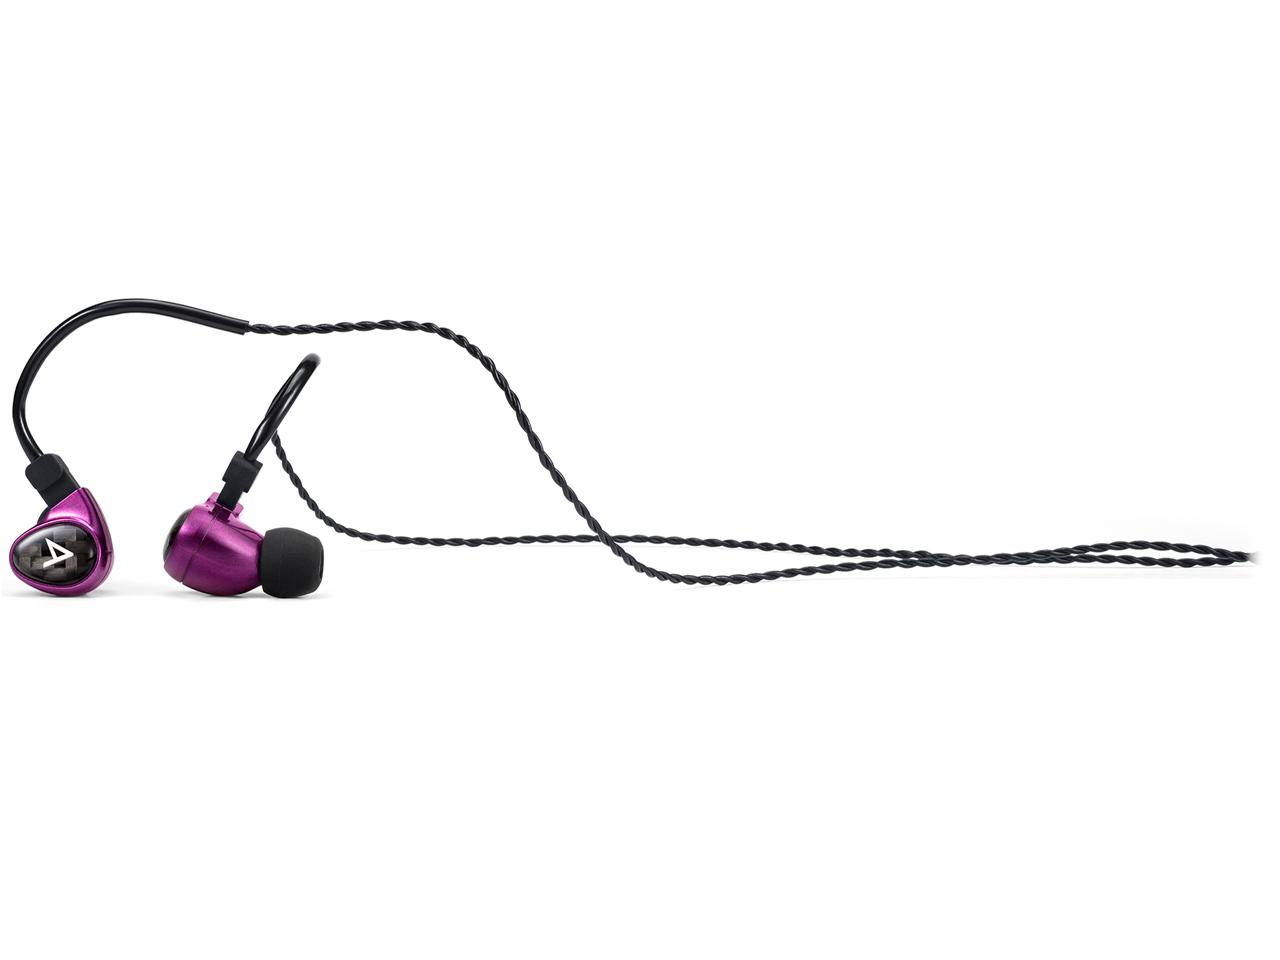 『本体1』 THE SIREN SERIES Billie Jean Purple の製品画像